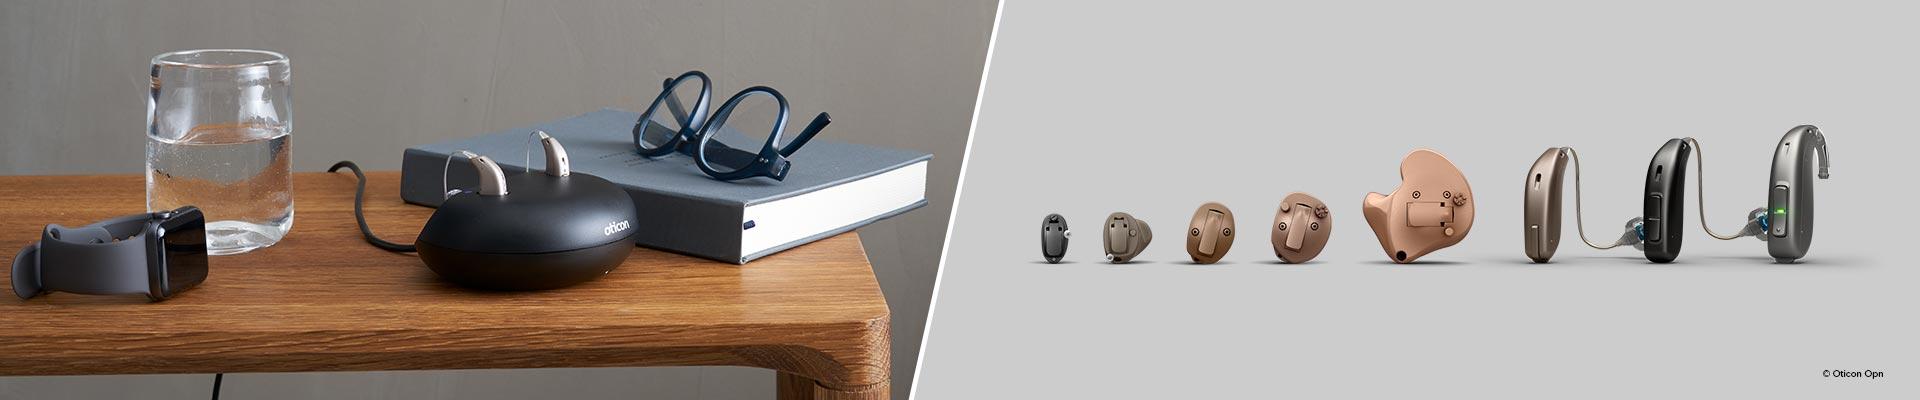 Hörapparater i Skåne hos Audika - testa en hörapparat som uppfyller dina behov och få bidrag för hörapparaterna.